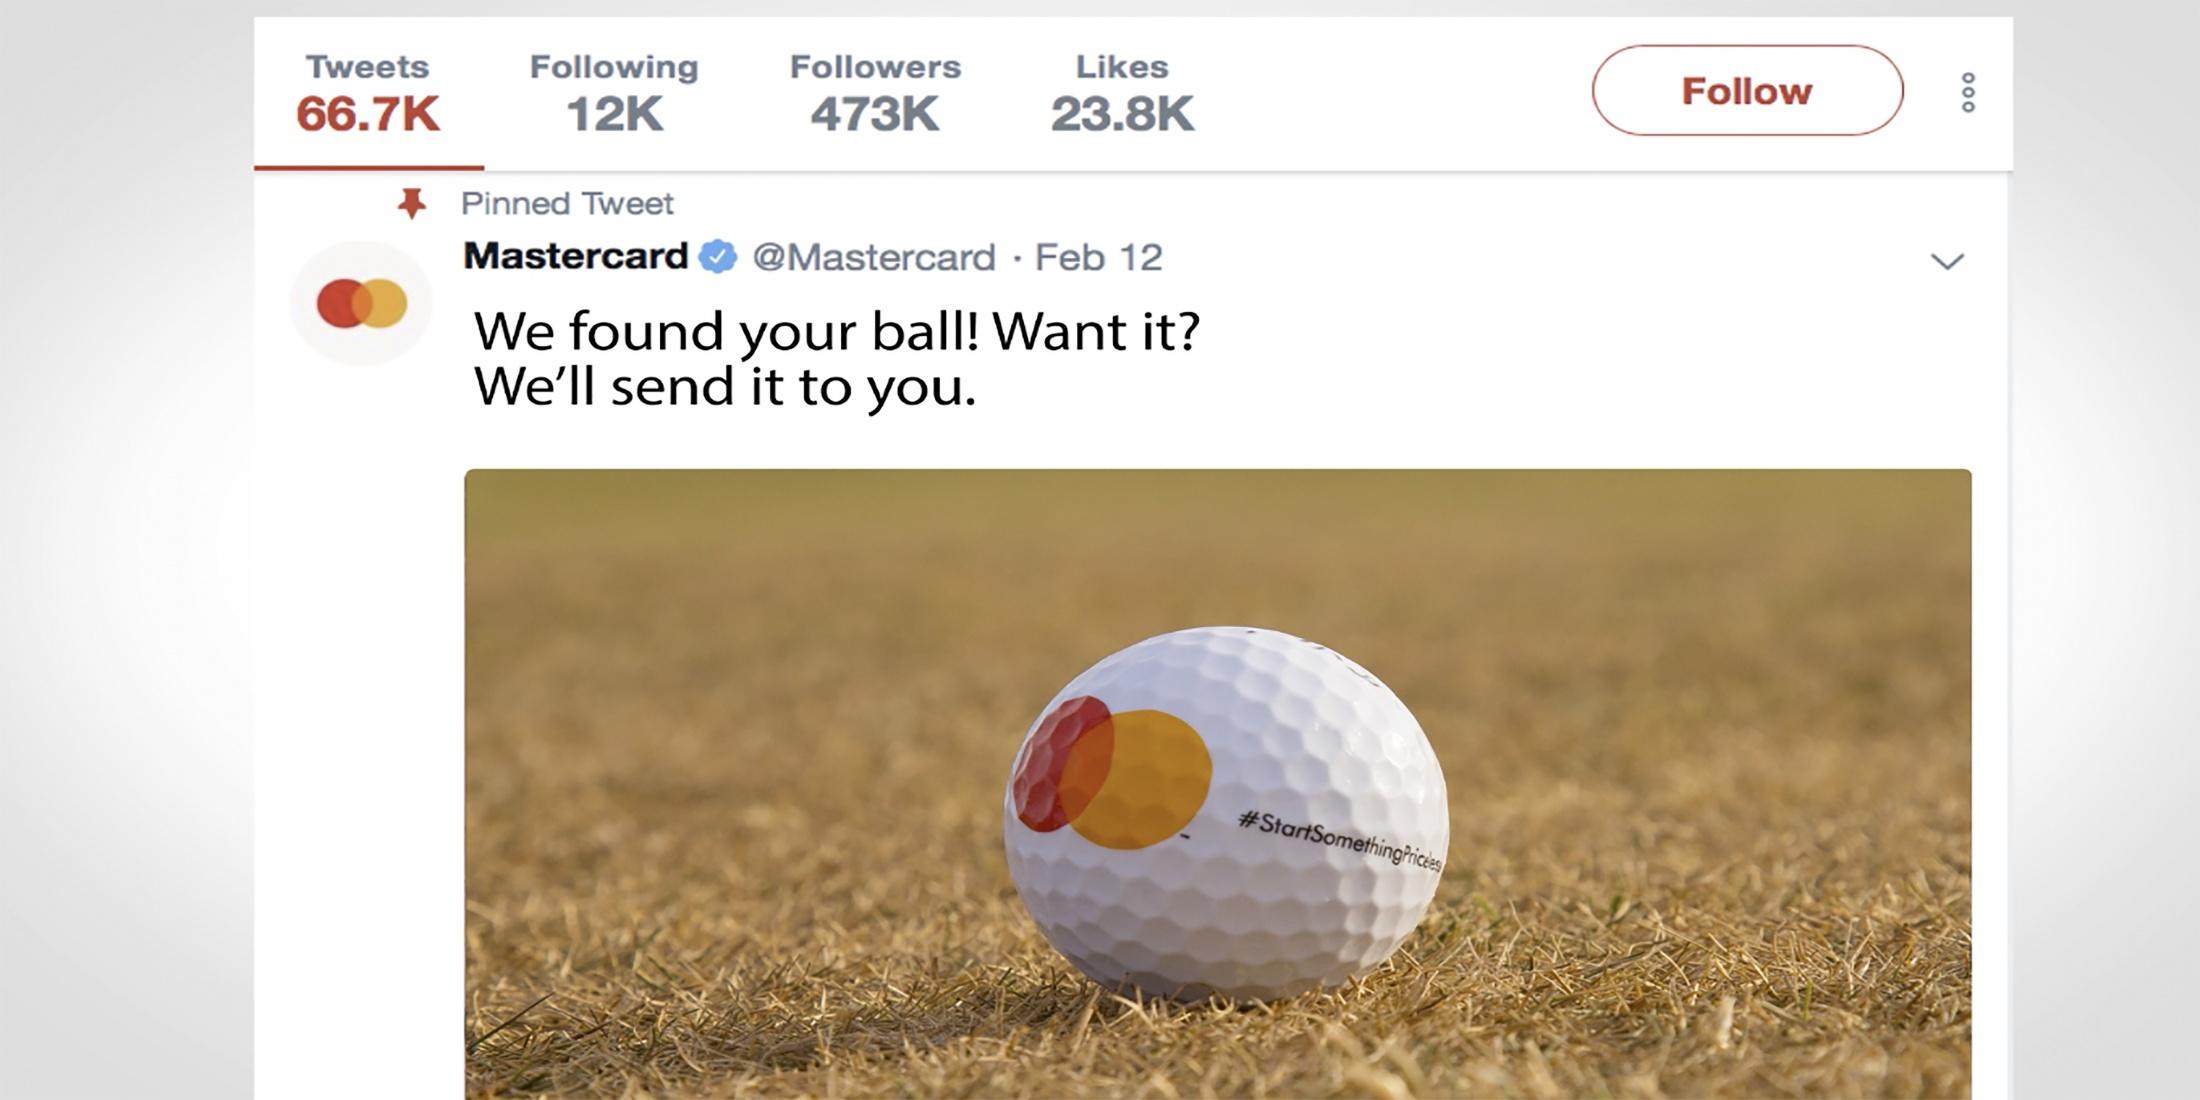 Thumbnail for Twitter Golf